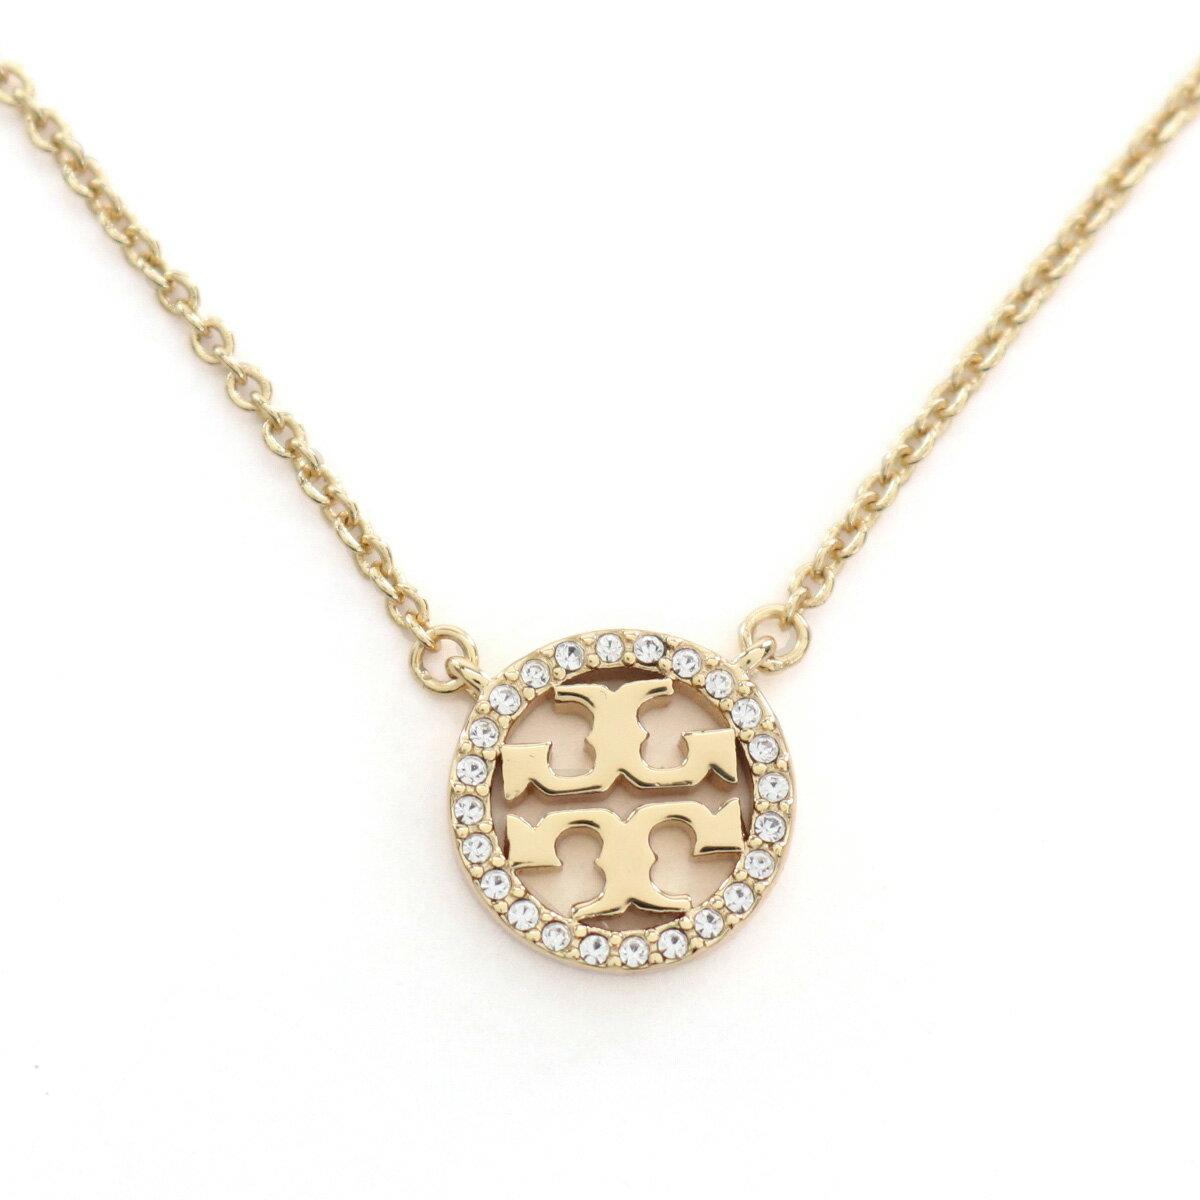 レディースジュエリー・アクセサリー, ネックレス・ペンダント  TORY BURCH MILLER PAVE 53420 783 TORY GOLDCRYSTAL accessory-01 gsw-5